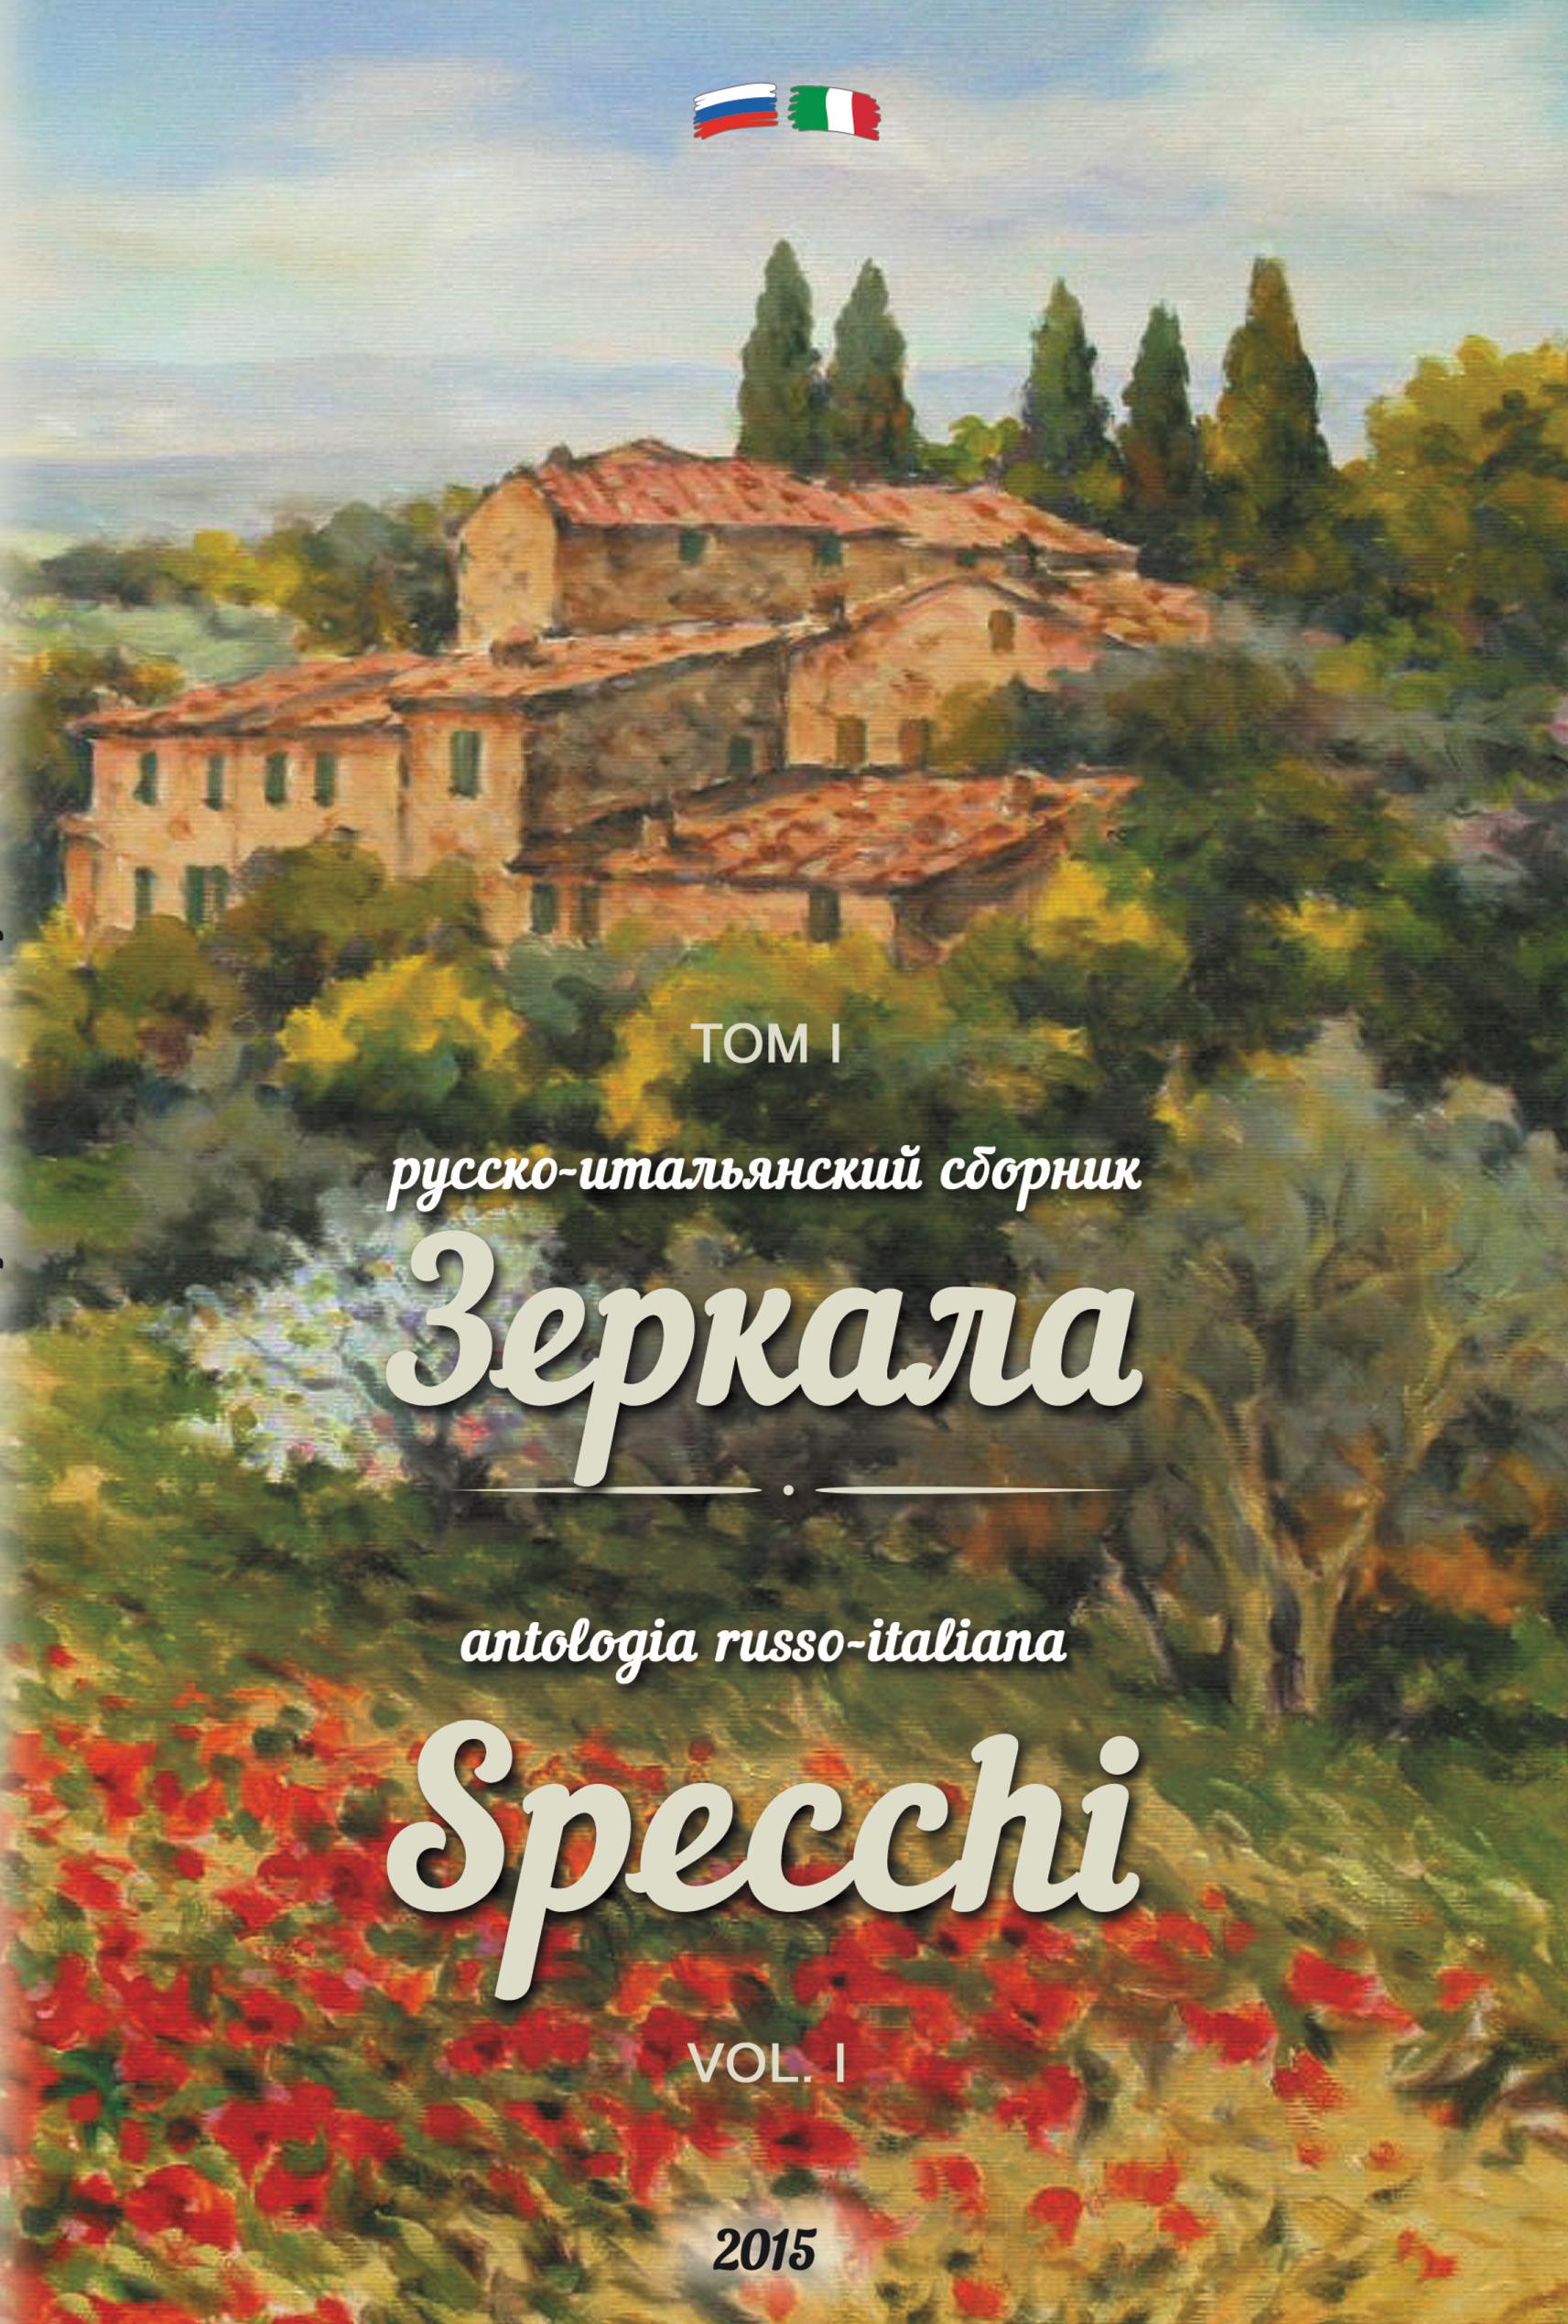 Сборник Зеркала. Русско-итальянский сборник. Том 1